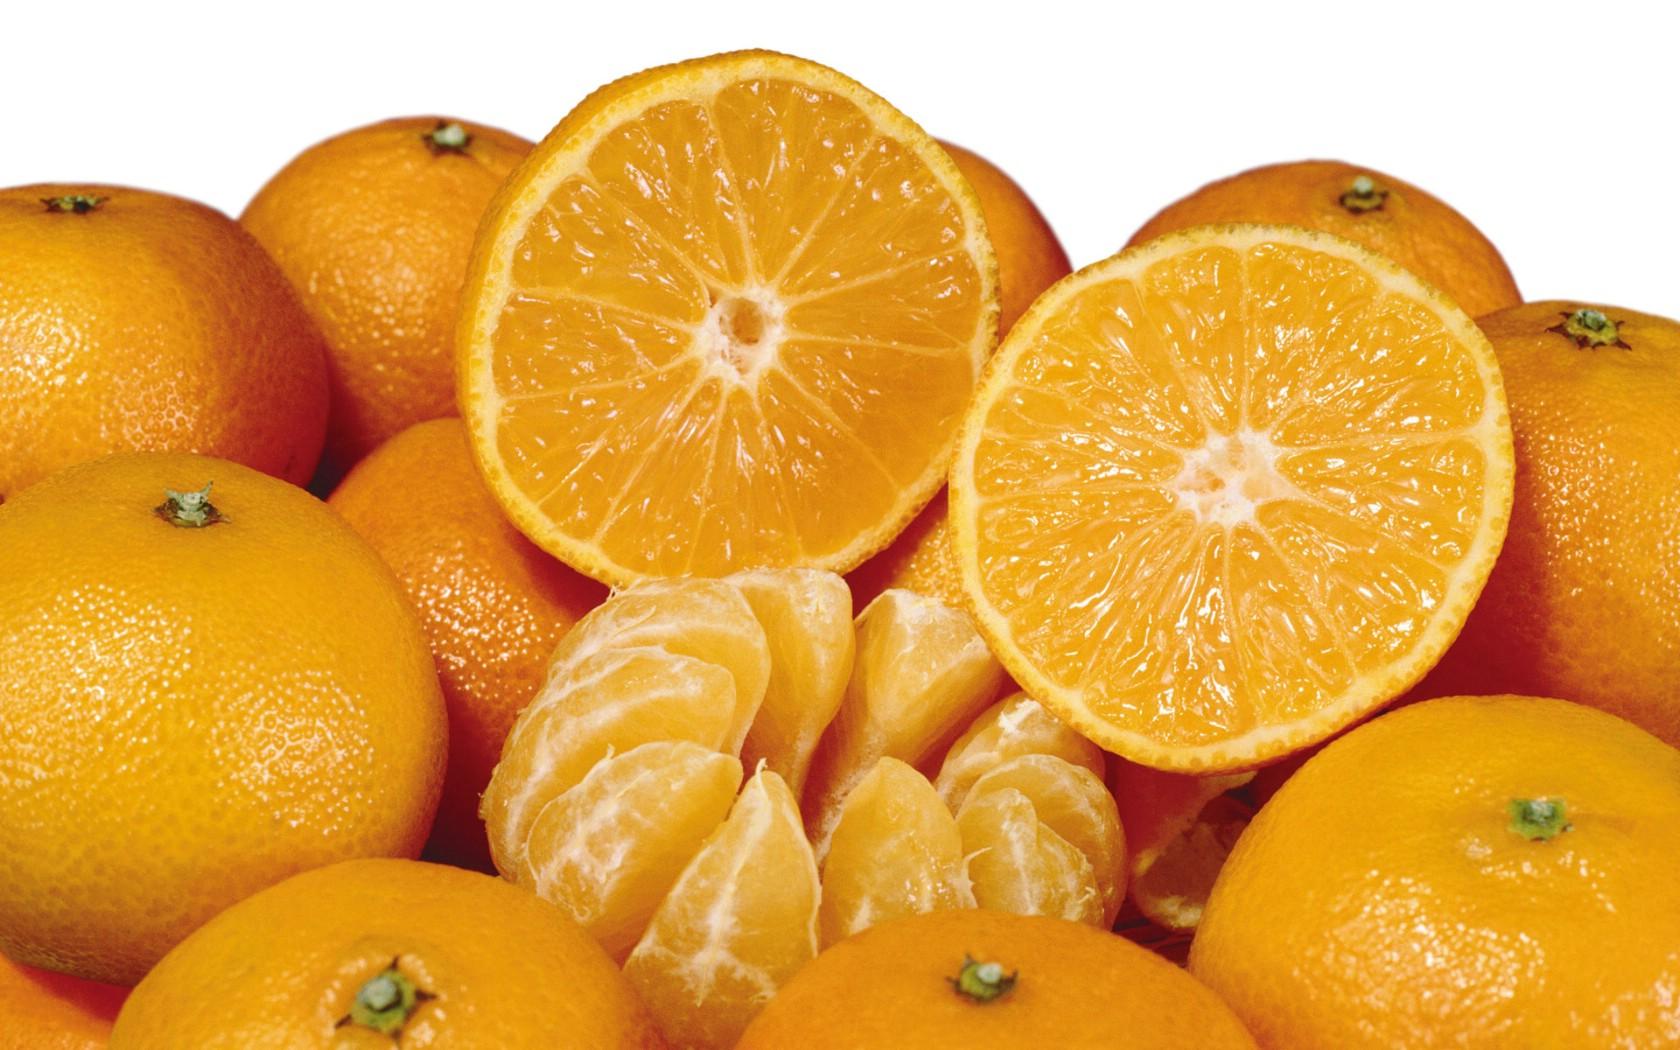 水果背景图片素材_壁纸1680×1050动感水果桌面壁纸下载壁纸,动感水果桌面壁纸下载 ...